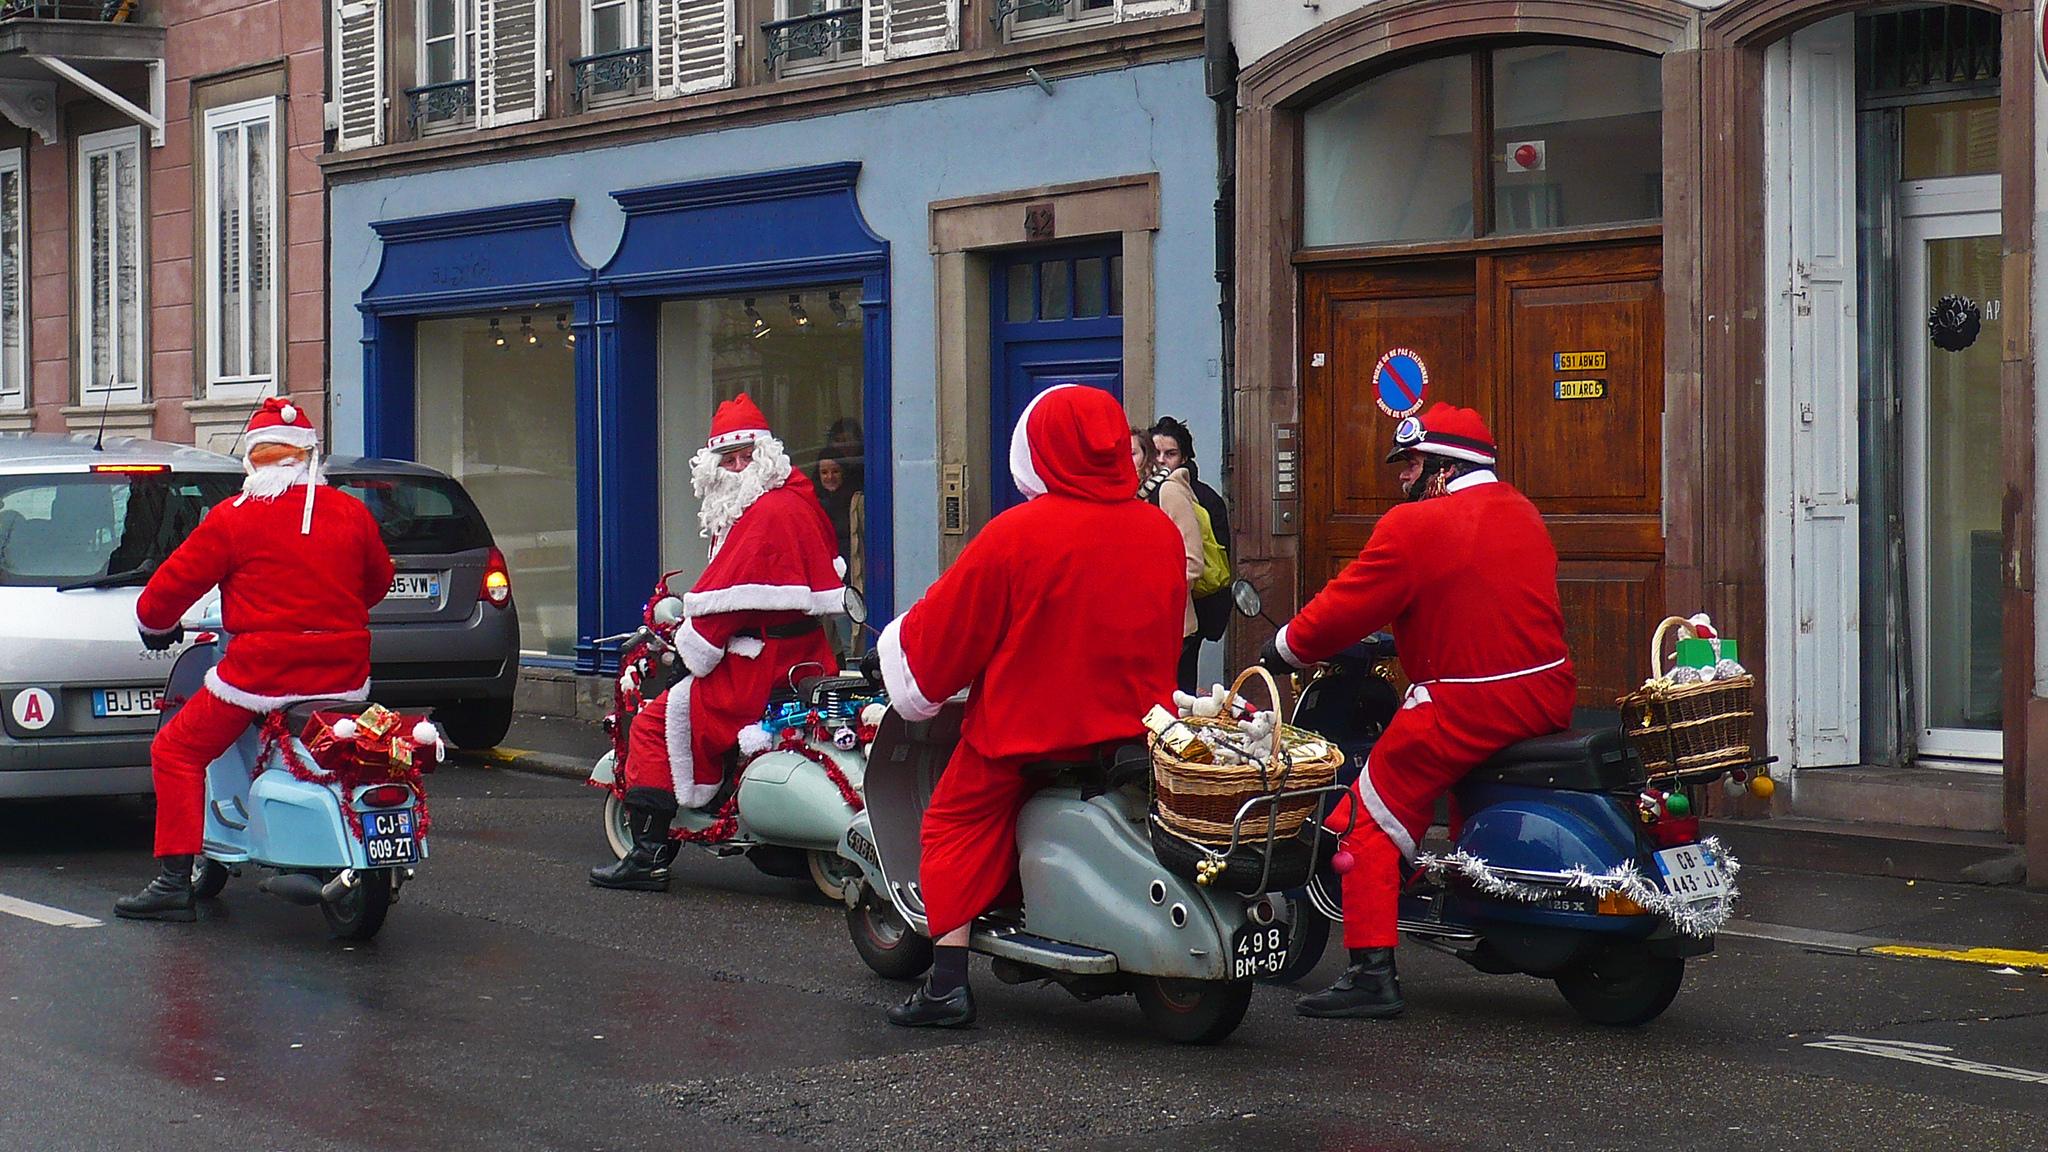 bildeoppgave julenisser